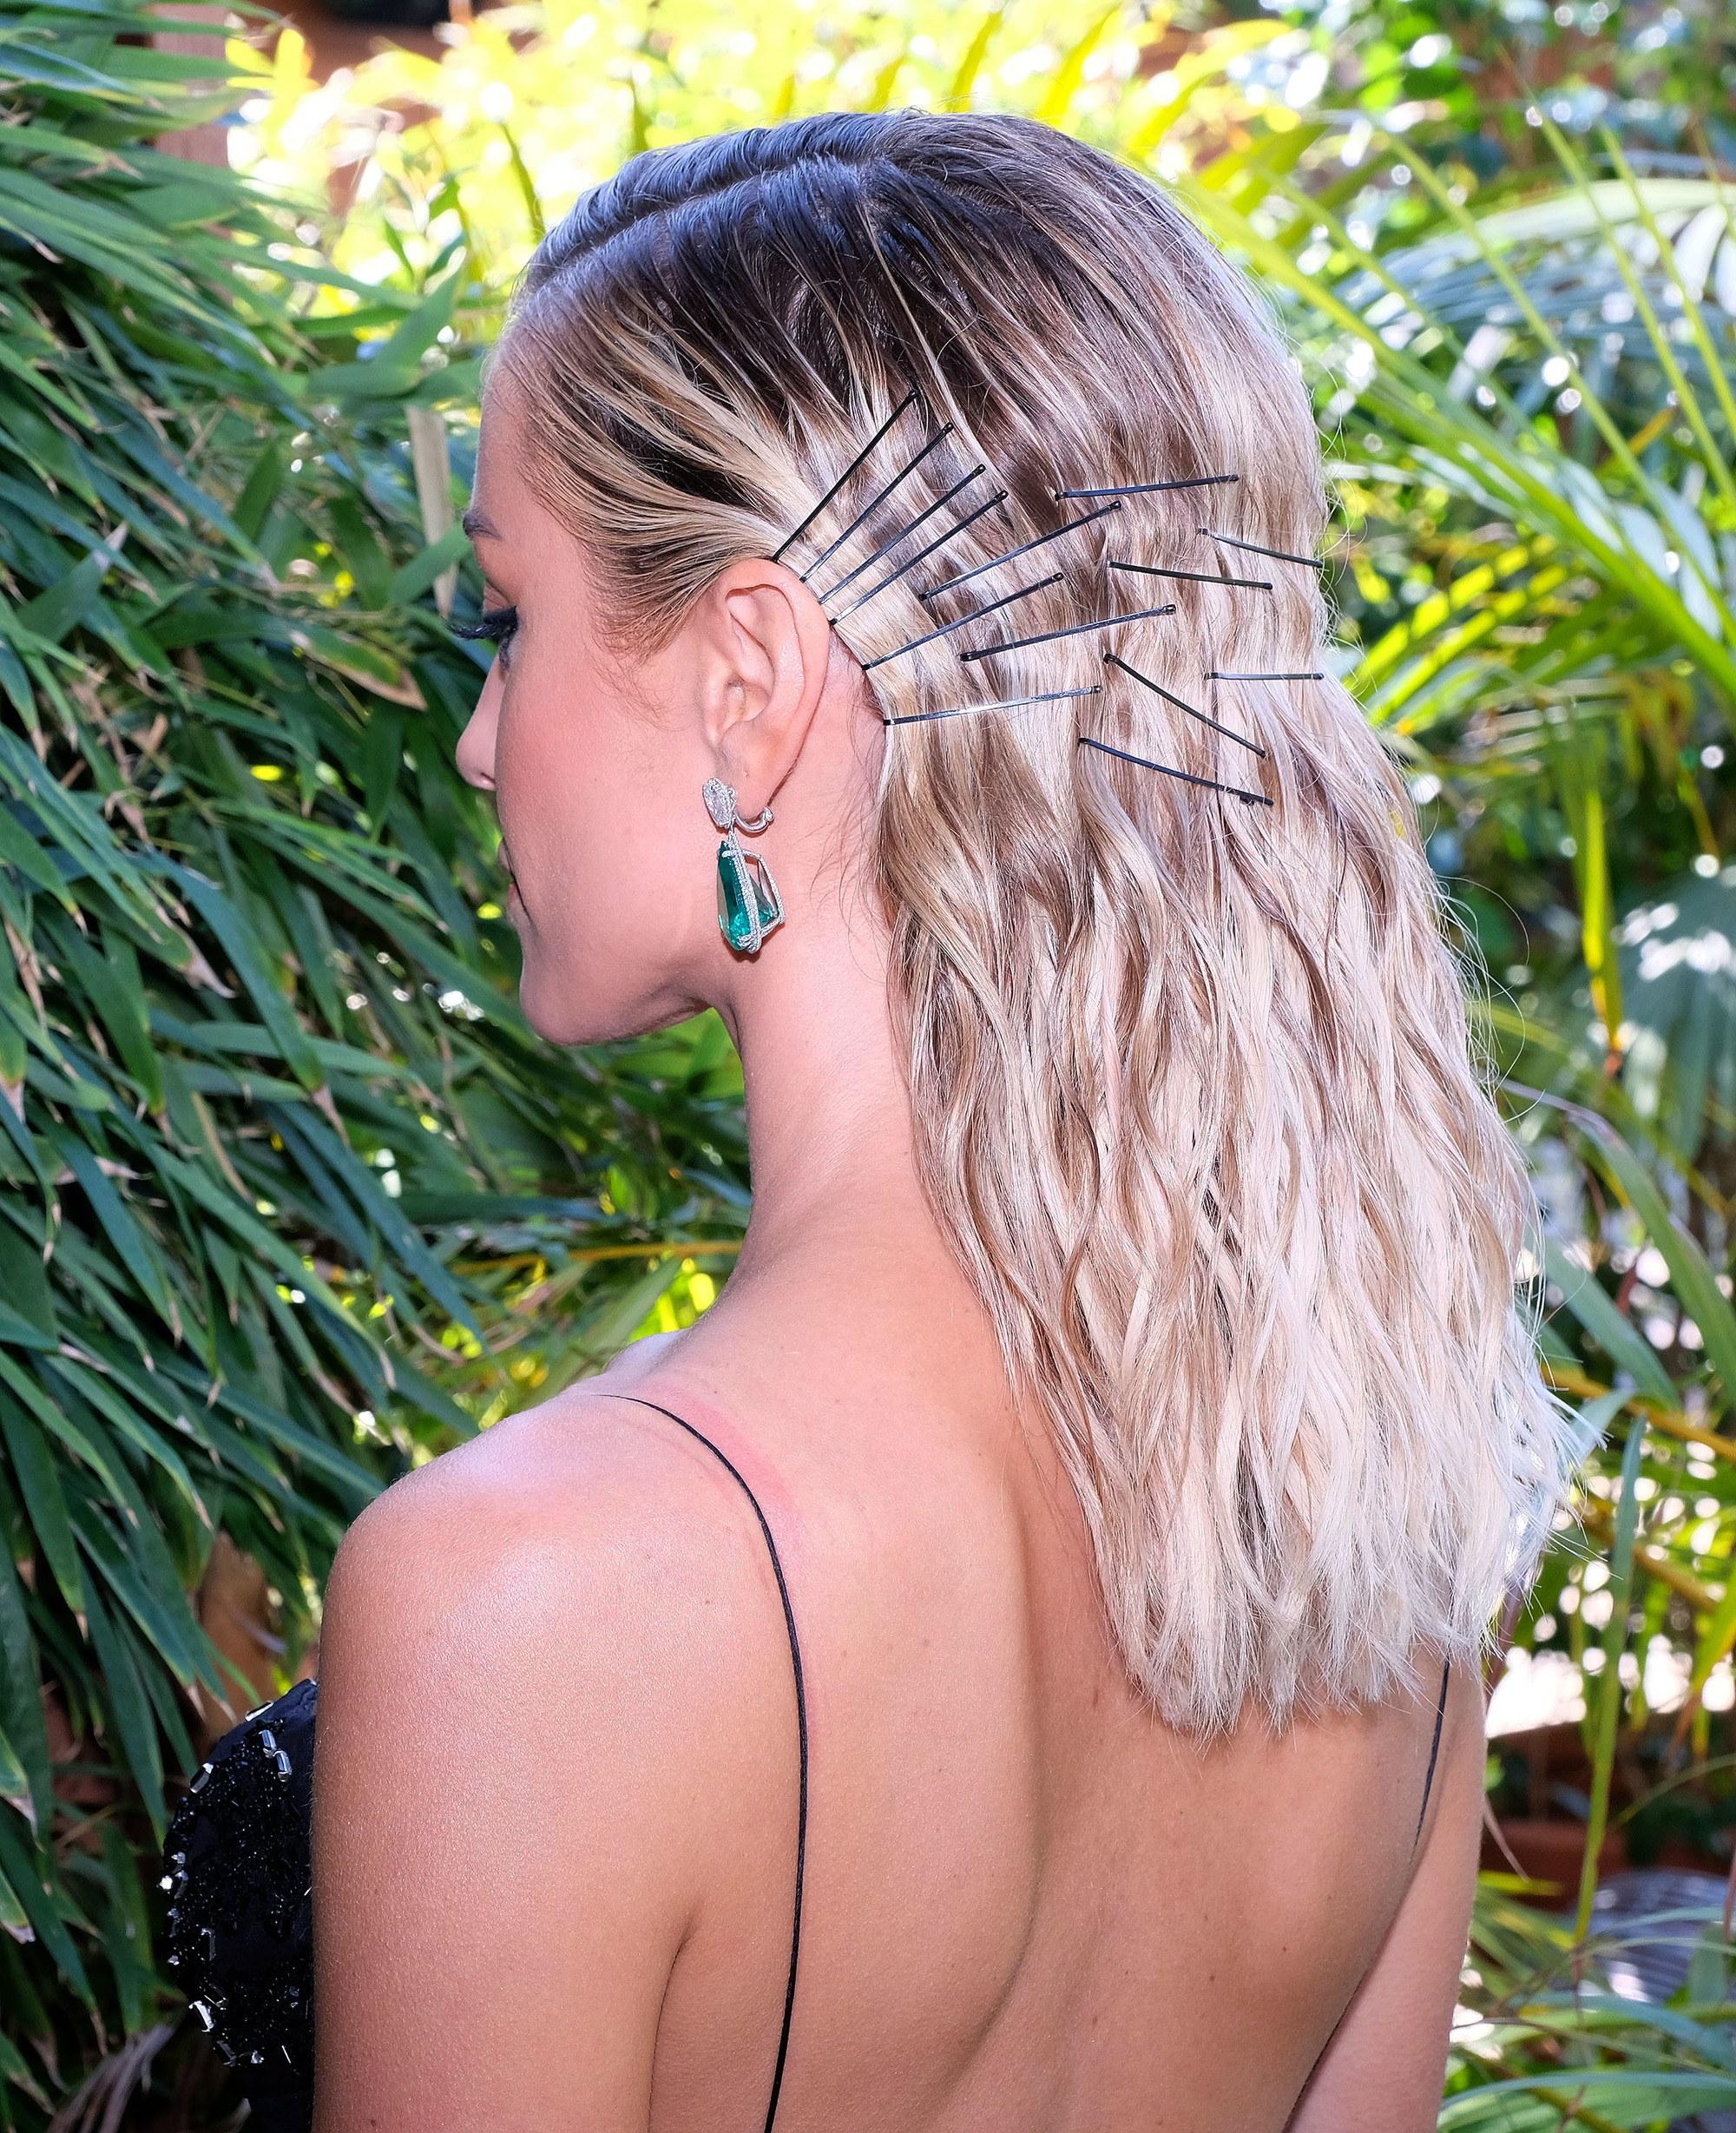 Femme aux cheveux blonds ondulés avec des épingles à cheveux